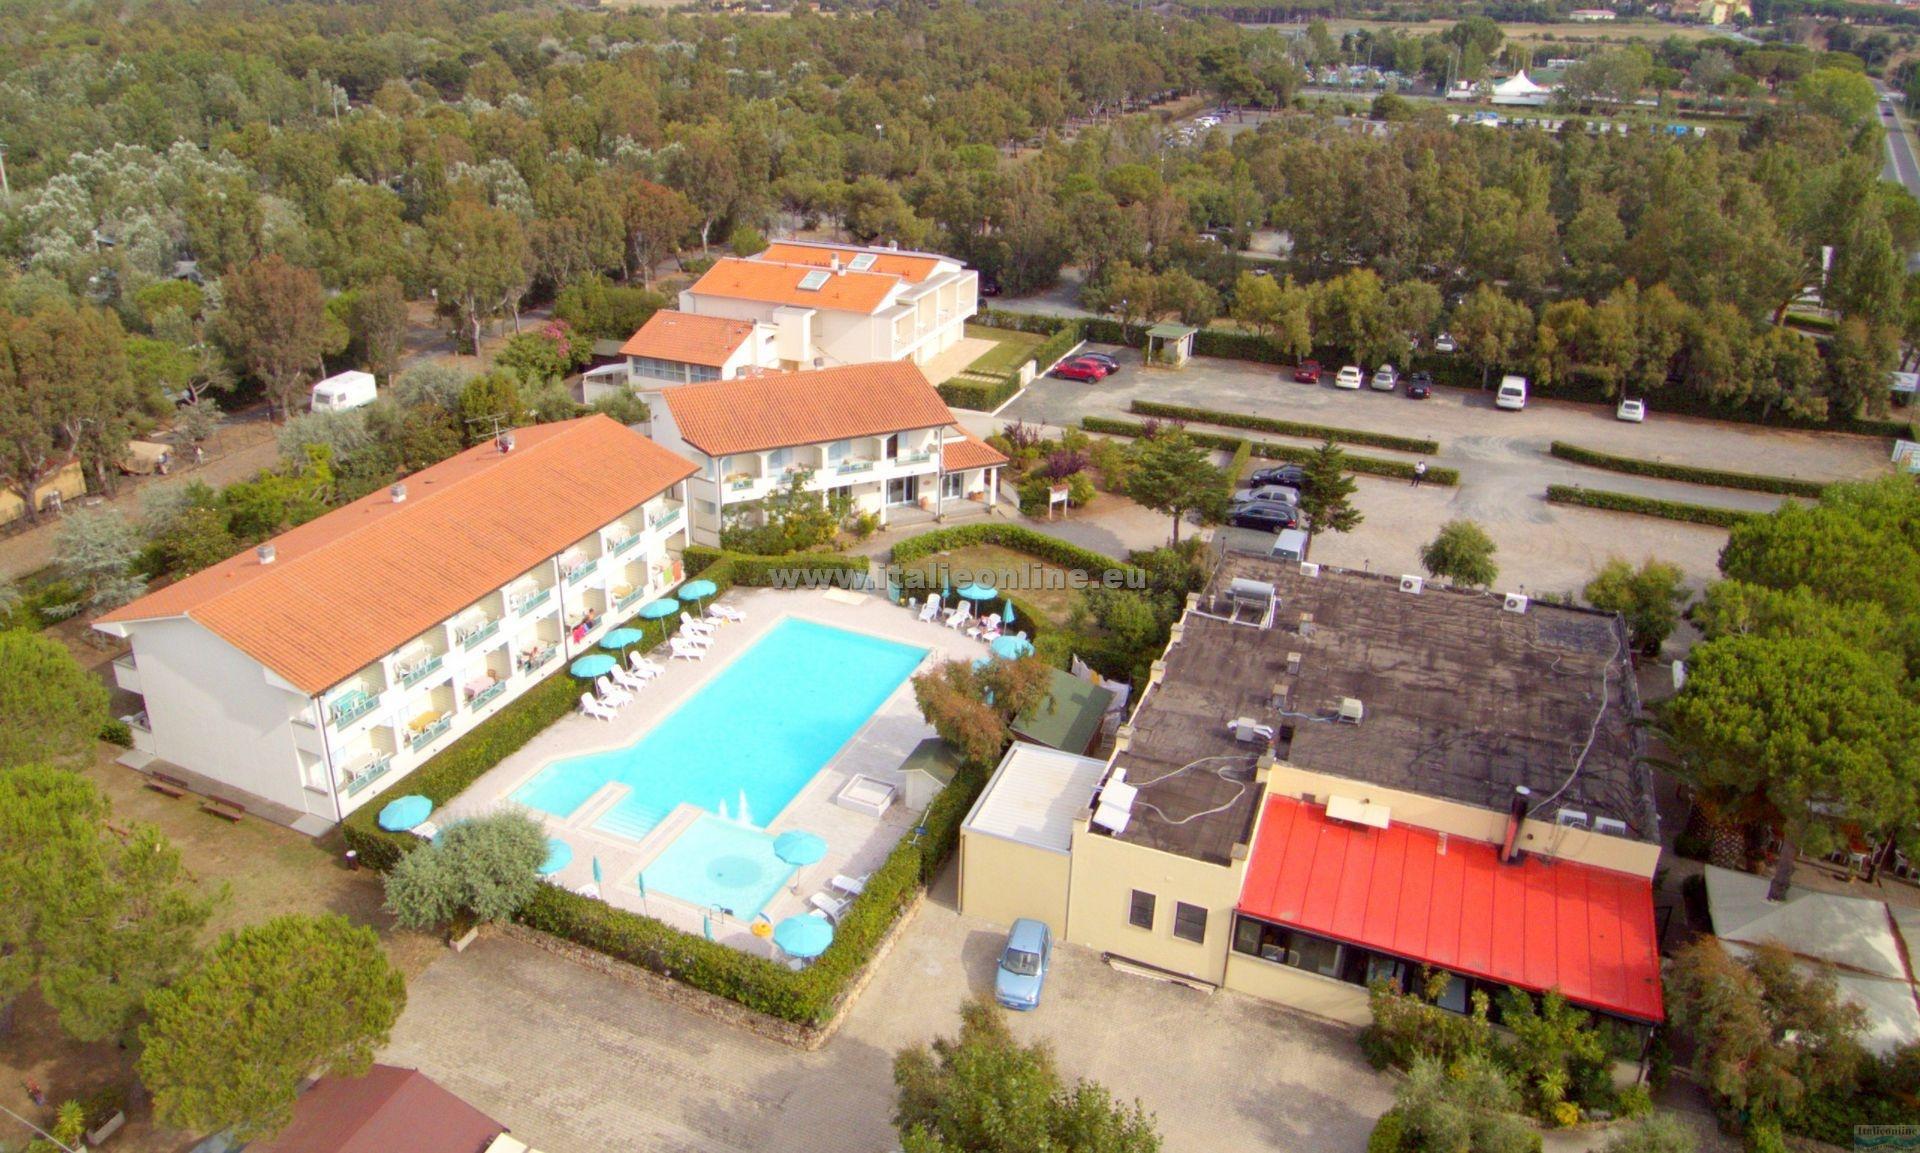 Hotel la ventola vada it lie ck italieonline - Hotel bagni lido vada ...